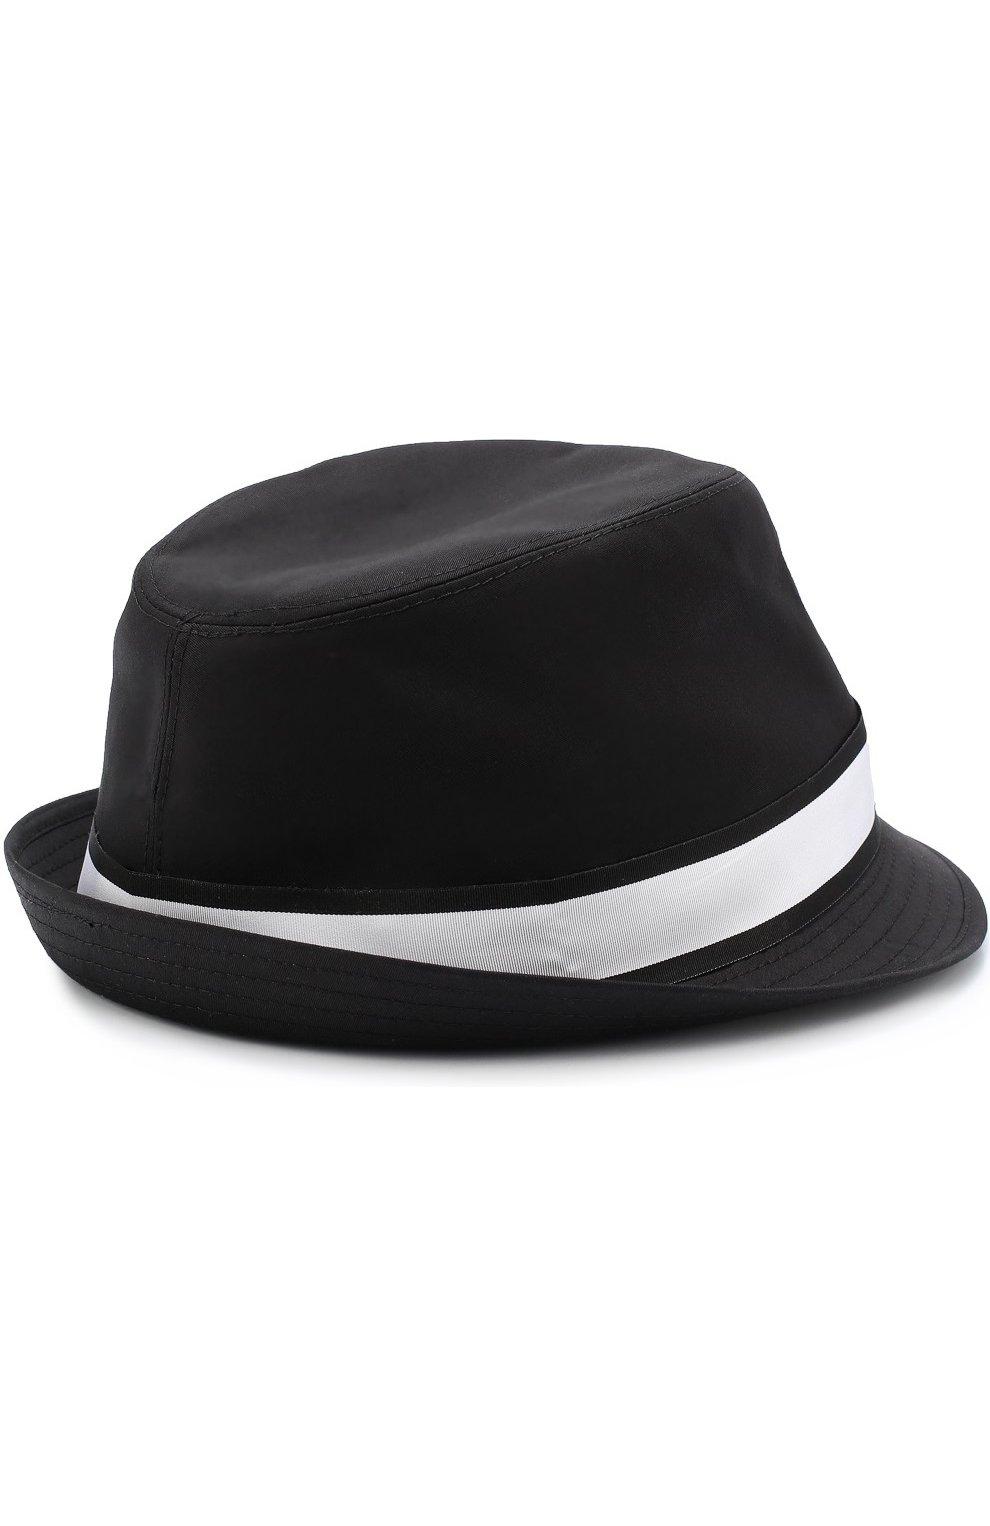 Хлопковая шляпа-федора с контрастной лентой Dolce & Gabbana черного цвета | Фото №2